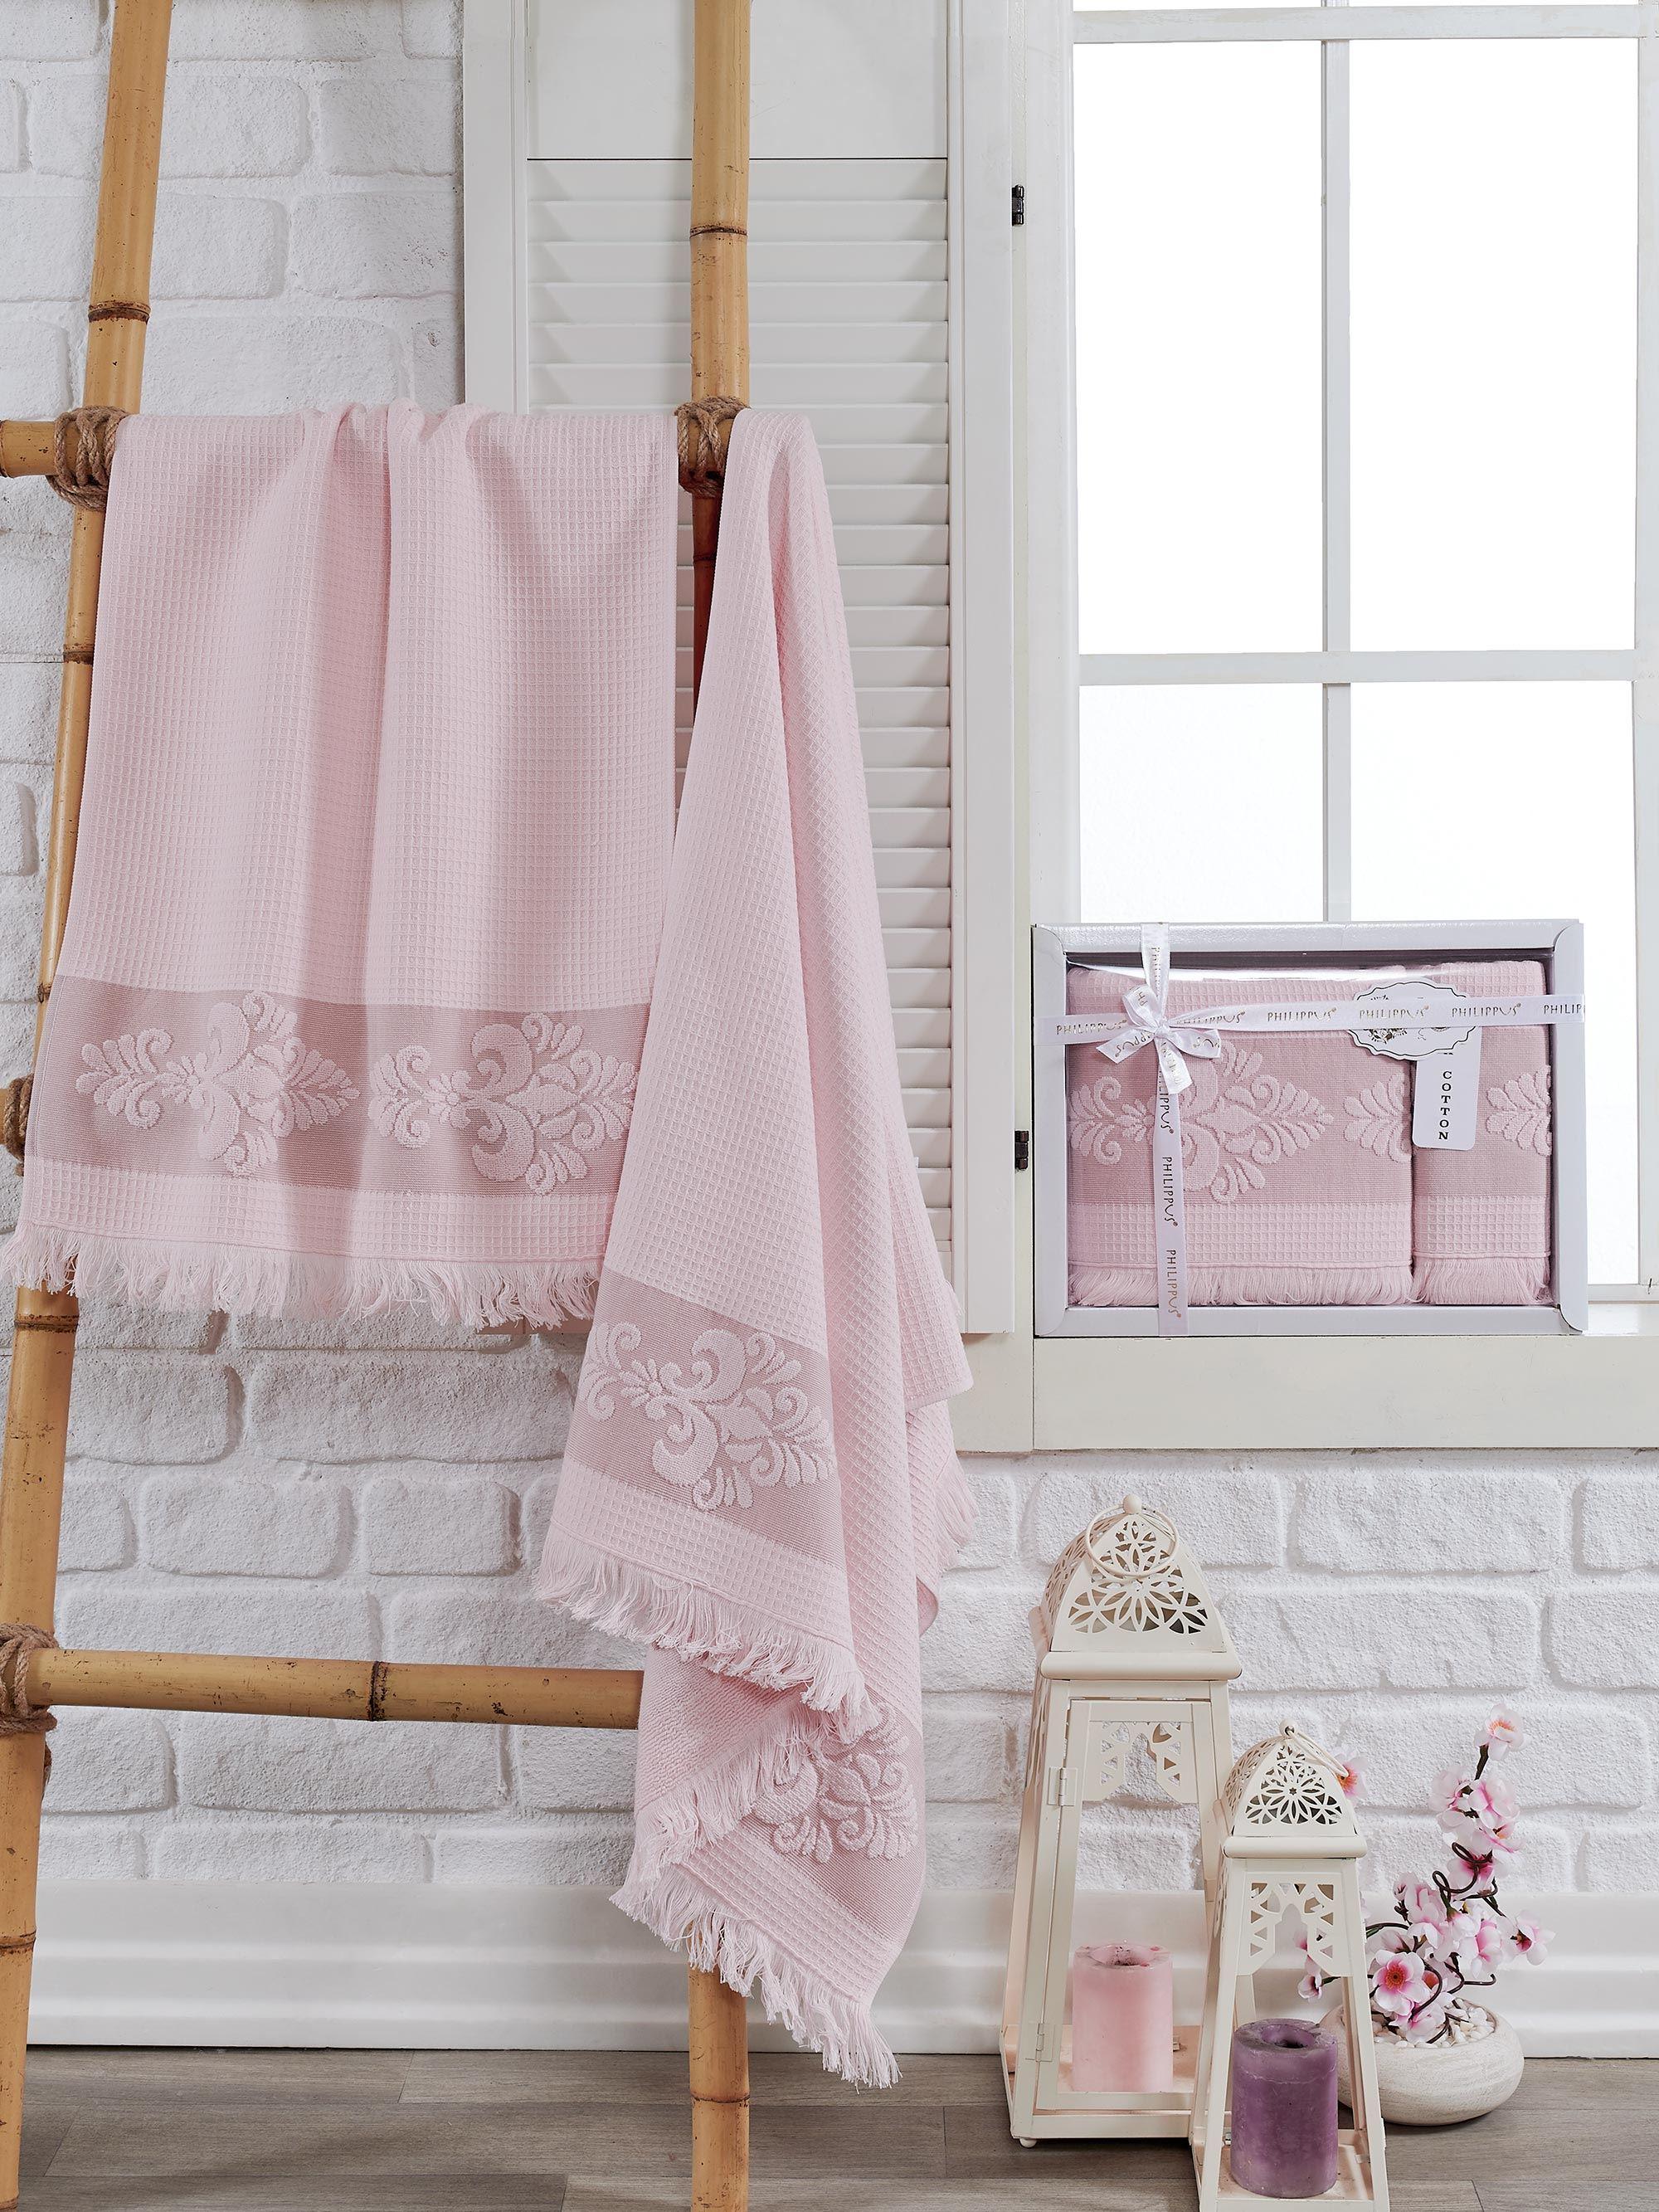 Полотенца Philippus Полотенце Ahus Цвет: Светло-Розовый (50х90 см,70х140 см) полотенца philippus полотенце maura цвет кремовый 50х90 см